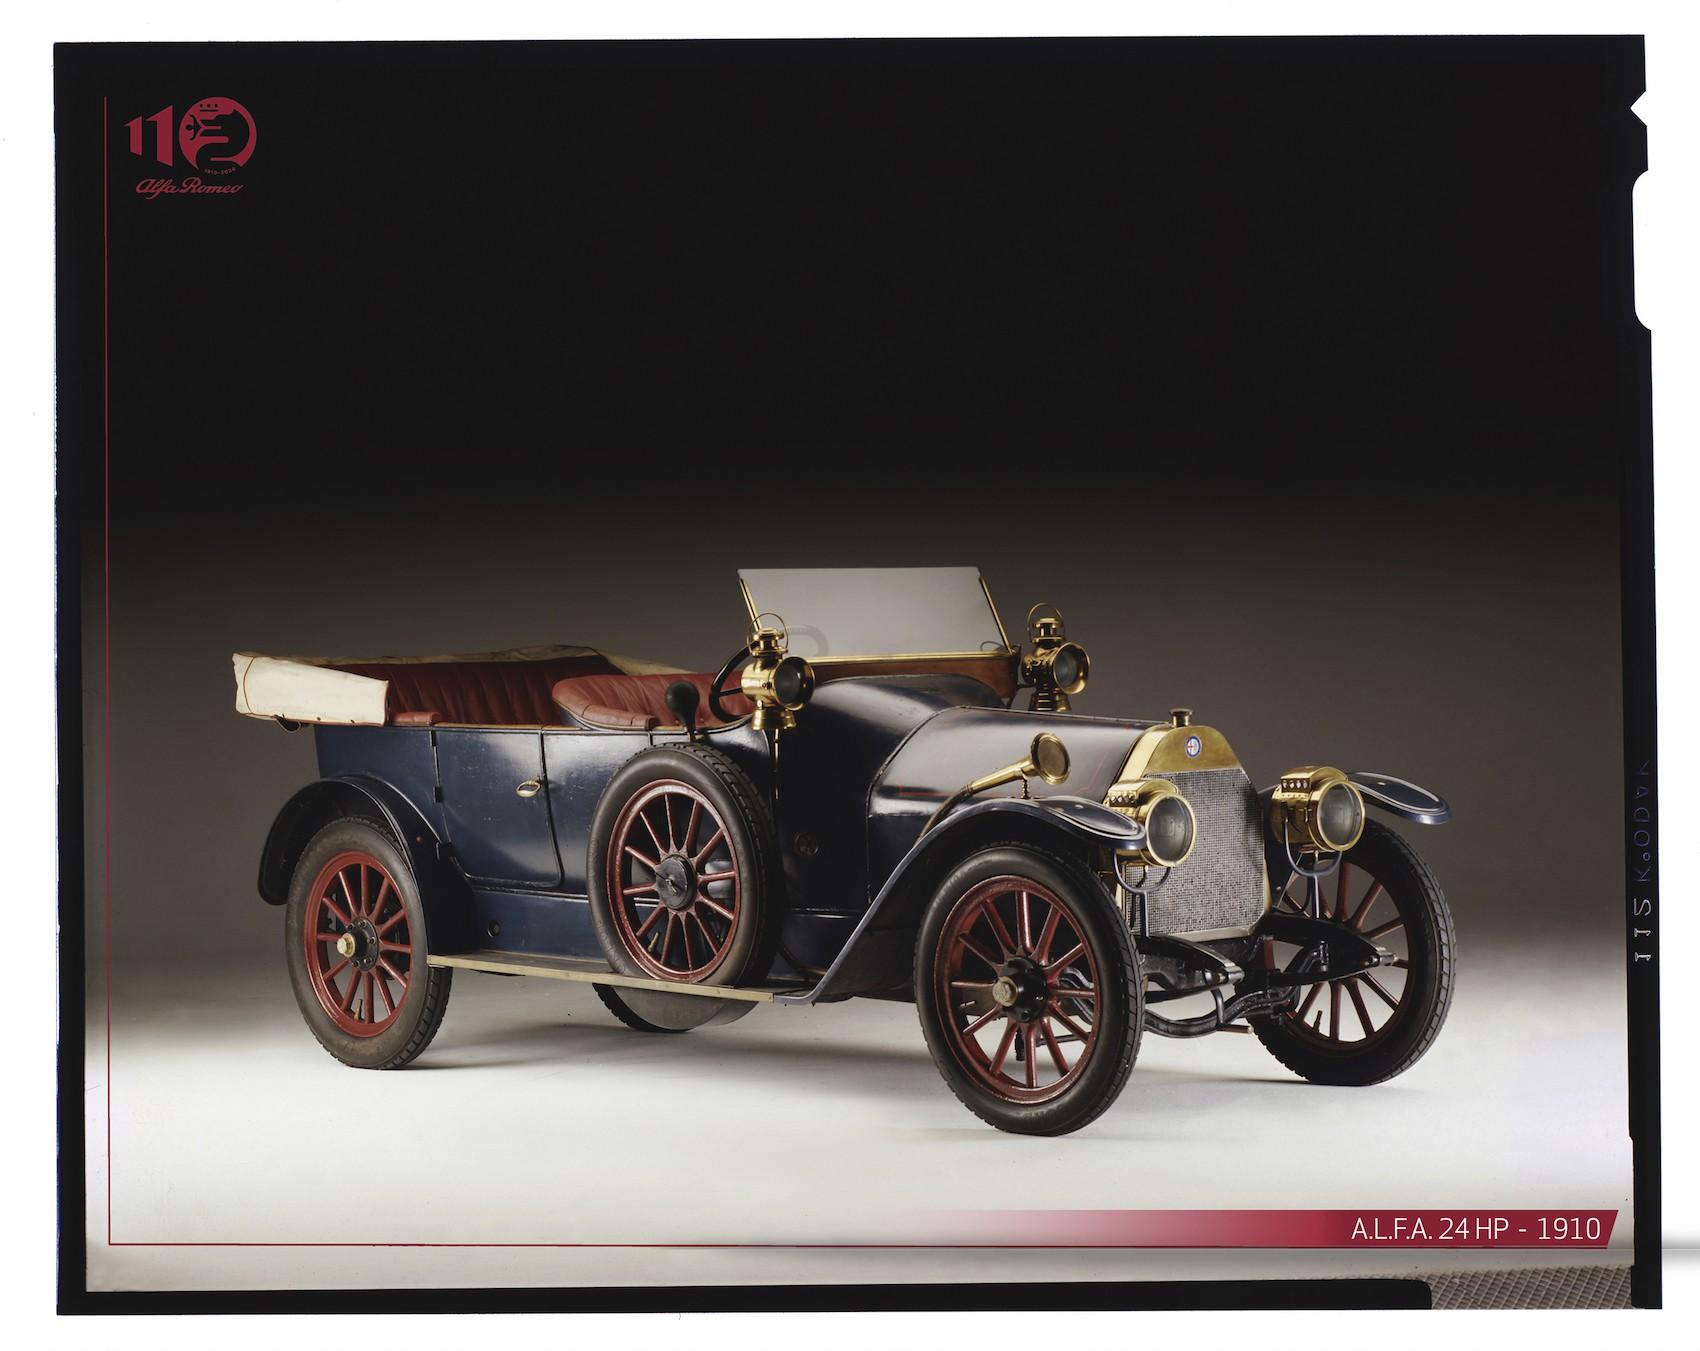 """1906 yılında Napoli kentine gelen Fransız otomobil girişimcisi Darracq, Alfa Romeo'ya temel teşkil edecek fabrikayı kurarken daha sonrasında işi devralan Ugo Stella, efsane tasarımcı Giuseppe Merosi ile birlikte ürettiği 24 HP ile Alfa efsanesini başlattı.  Birinci Dünya Savaşı'nın ardından tekniğini giderek daha da geliştiren şirket, Nicola Romeo'nun patron olmasıyla hem yol hem de yarış pistlerinde, başarıdan başarıya koştu ve İtalyan estetiğinin dünyadaki simgesi haline geldi. HİKAYENİN ÇIKIŞ NOKTASI FRANSA Açılımı """"Anonima Lombarda Fabbrica Automobili"""" olan Alfa'nın hikayesi resmi olarak 24 Haziran 1910 tarihinde kurulmasından birkaç yıl önce Fransa'da başladı. Bordeaux şehrinde bir bisiklet fabrikasının sahibi olan Fransız girişimci ve teknik ressam Pierre Alexandre Darracq, otomobillere yatırım yapmak ve üretim gerçekleştirmek istiyordu. Bu konuda hazırlıklarını tamamladıktan sonra otomobil üretim hayalini gerçekleştiren Darracq, zaman içerisinde İngiltere ve İtalya'da şubeler açarak ihracata da başladı. İtalya faaliyetlerine ise ilk olarak 1906 yılında Napoli kentinde başlayan Darracq, bu kentin Fransa'ya uzak kalmasının da etkisiyle odak noktasını Milano'ya çevirerek Portello bölgesinde üretim kararı aldı. O dönemin İtalyası'nda halkın satın alma gücü Fransa'ya kıyasla düşüktü ve yollarda sadece birkaç bin otomobil bulunuyordu. Potansiyel İtalyan müşterilerin beklentileri ise Pierre Alexandre Darracq'ın ürettiği otomobillerin çok daha üzerinde bir lüks ve estetik anlayış barındırmaktaydı. Darracq, İtalyan zevkine uygun olmayan otomobillerinin üretimine devam etmek istemeyerek 1909 yılının sonlarında şirketini tasfiye etti.  MİLANO'LU CESUR GİRİŞİMCİ: CAVALİER UGO STELLA Darracq'ın şirketinde genel müdür olarak çalışan İtalyan Cavalier Ugo Stella, girişimci bir ruhla tasfiye sürecinin sonrasında bu şirketi satın almaya karar verdi. Milano Tarım Bankası'ndan aldığı destekle harekete geçen Stella, daha önce Darracq'ın fabrikasında çalışmış 200'den fazla insanı """